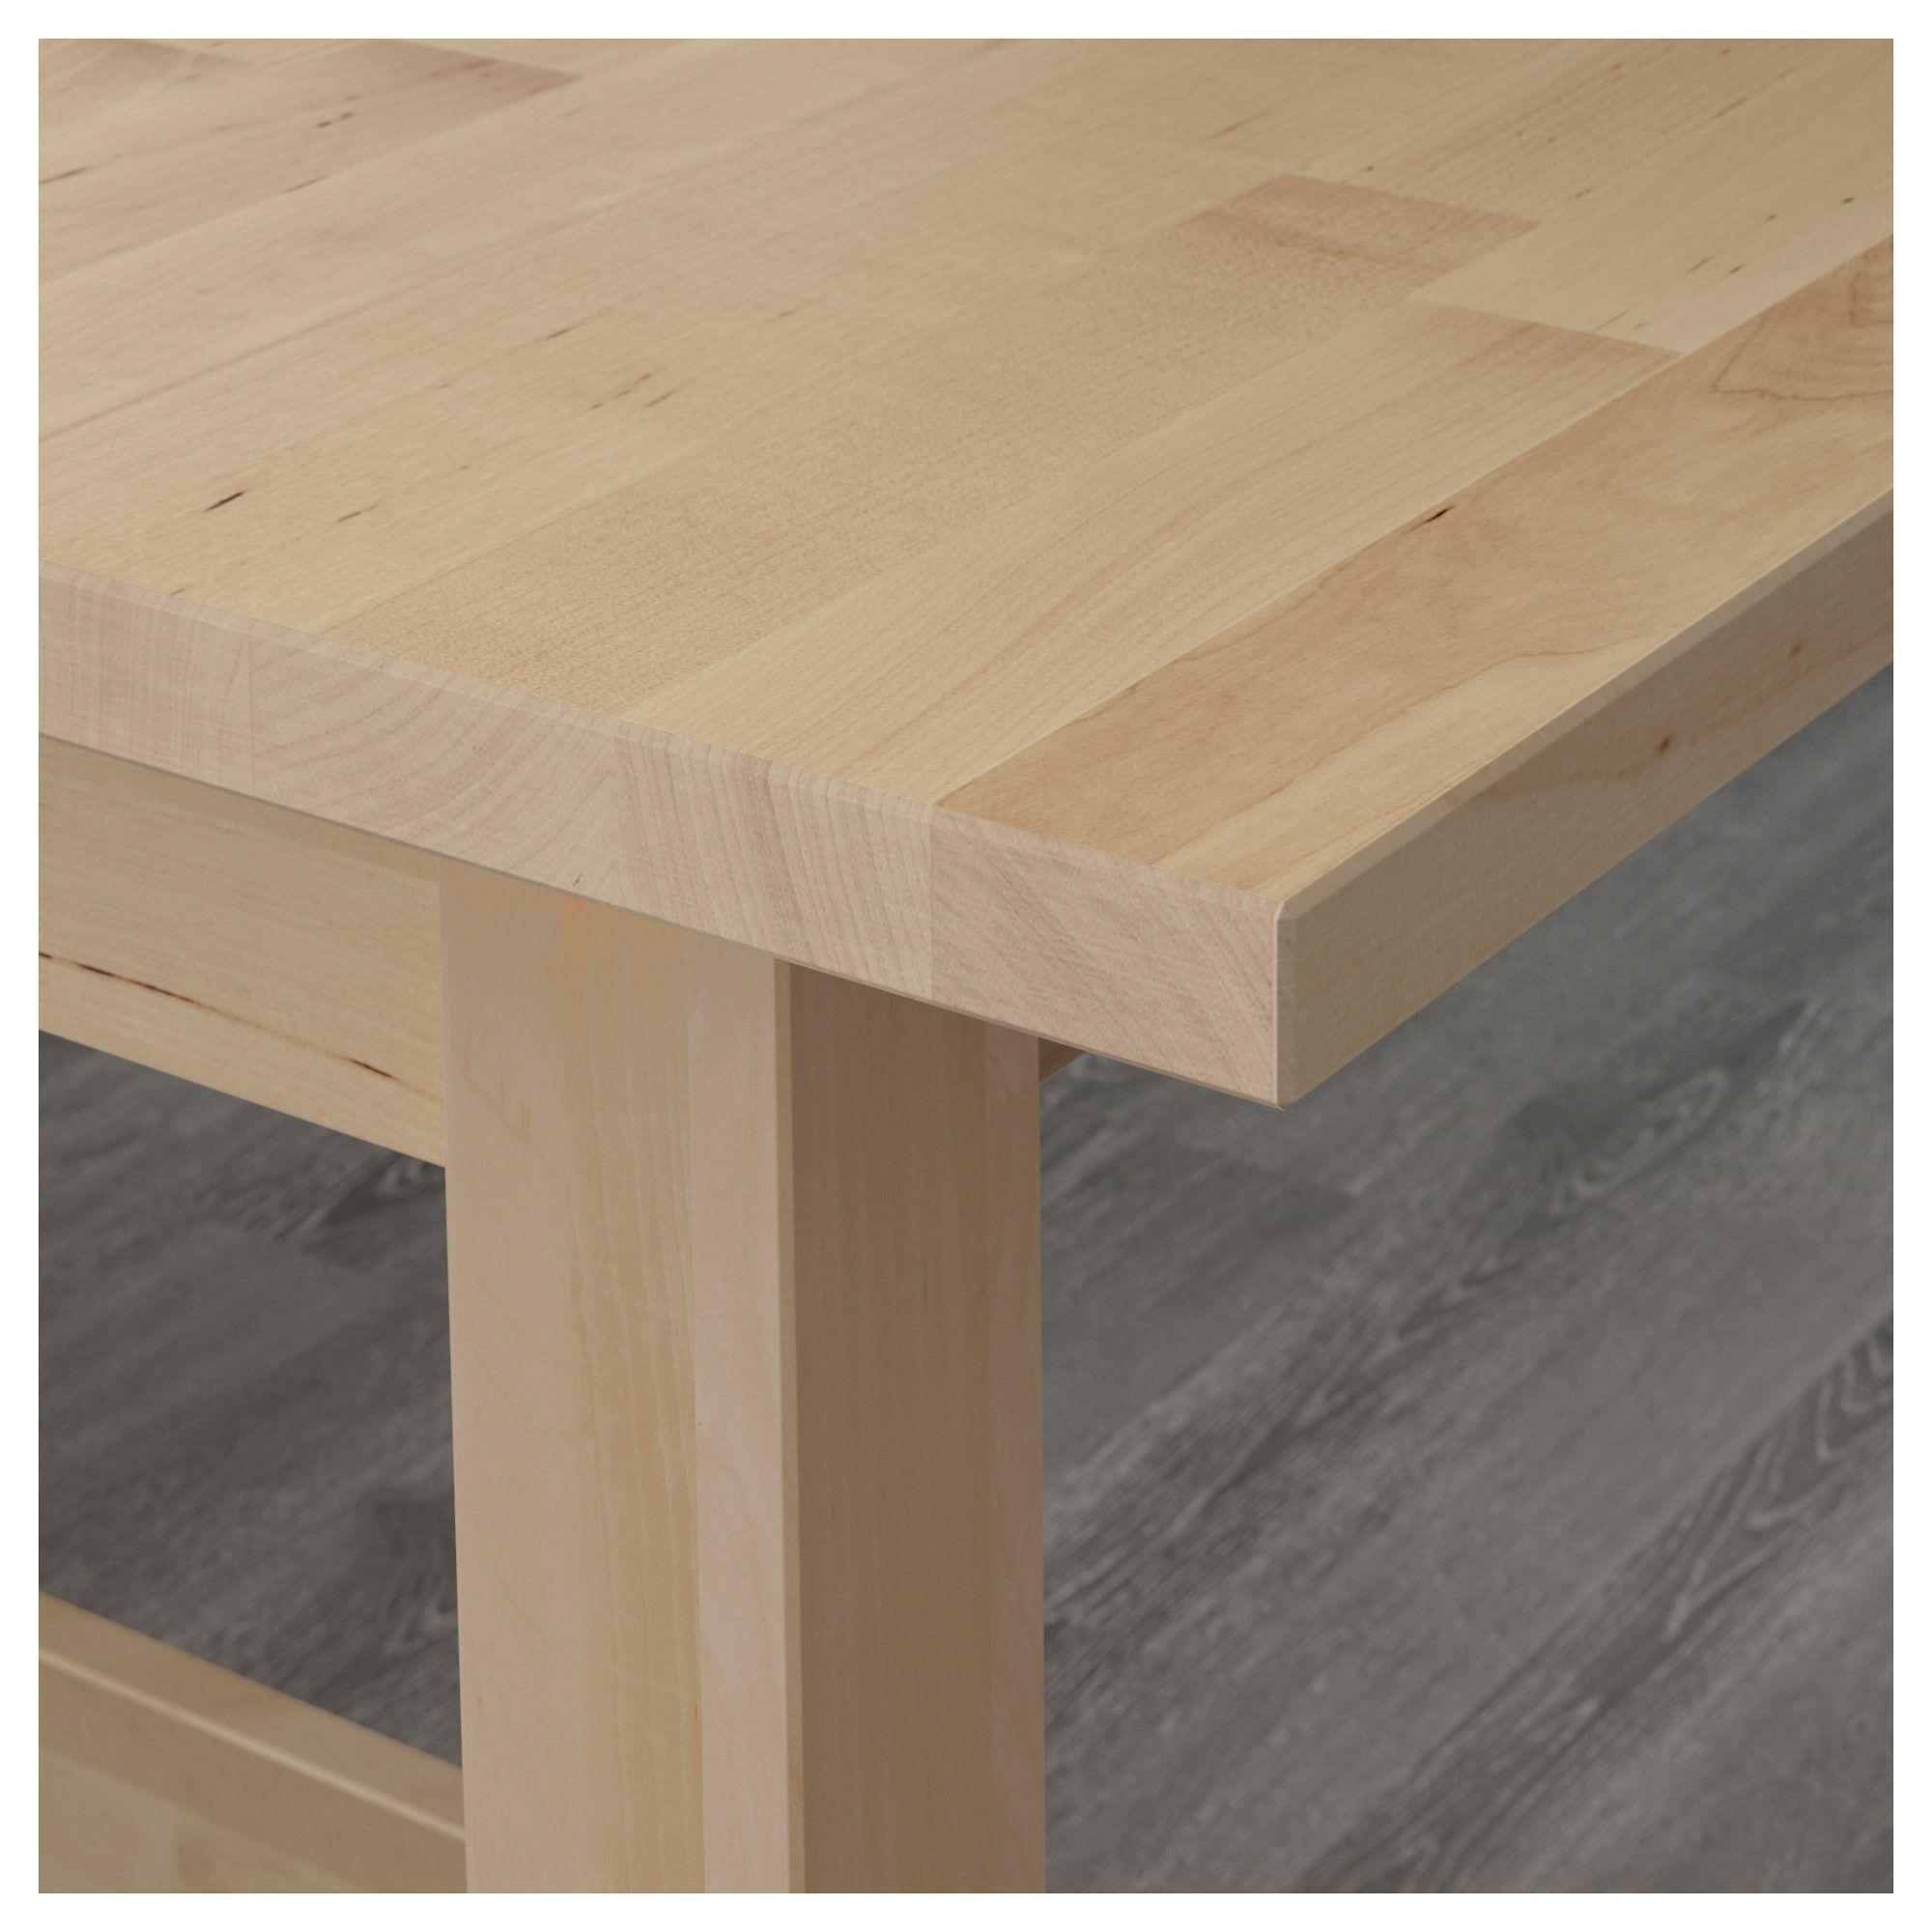 Full Size of Gartentisch Rund 120 Cm Ikea Tisch Holz Ausziehbar Rundes Bett Regal 60 Tief Betten 120x200 X 200 Esstisch Mit Stühlen Matratze Und Lattenrost Mexiko Wohnzimmer Gartentisch Rund 120 Cm Ikea